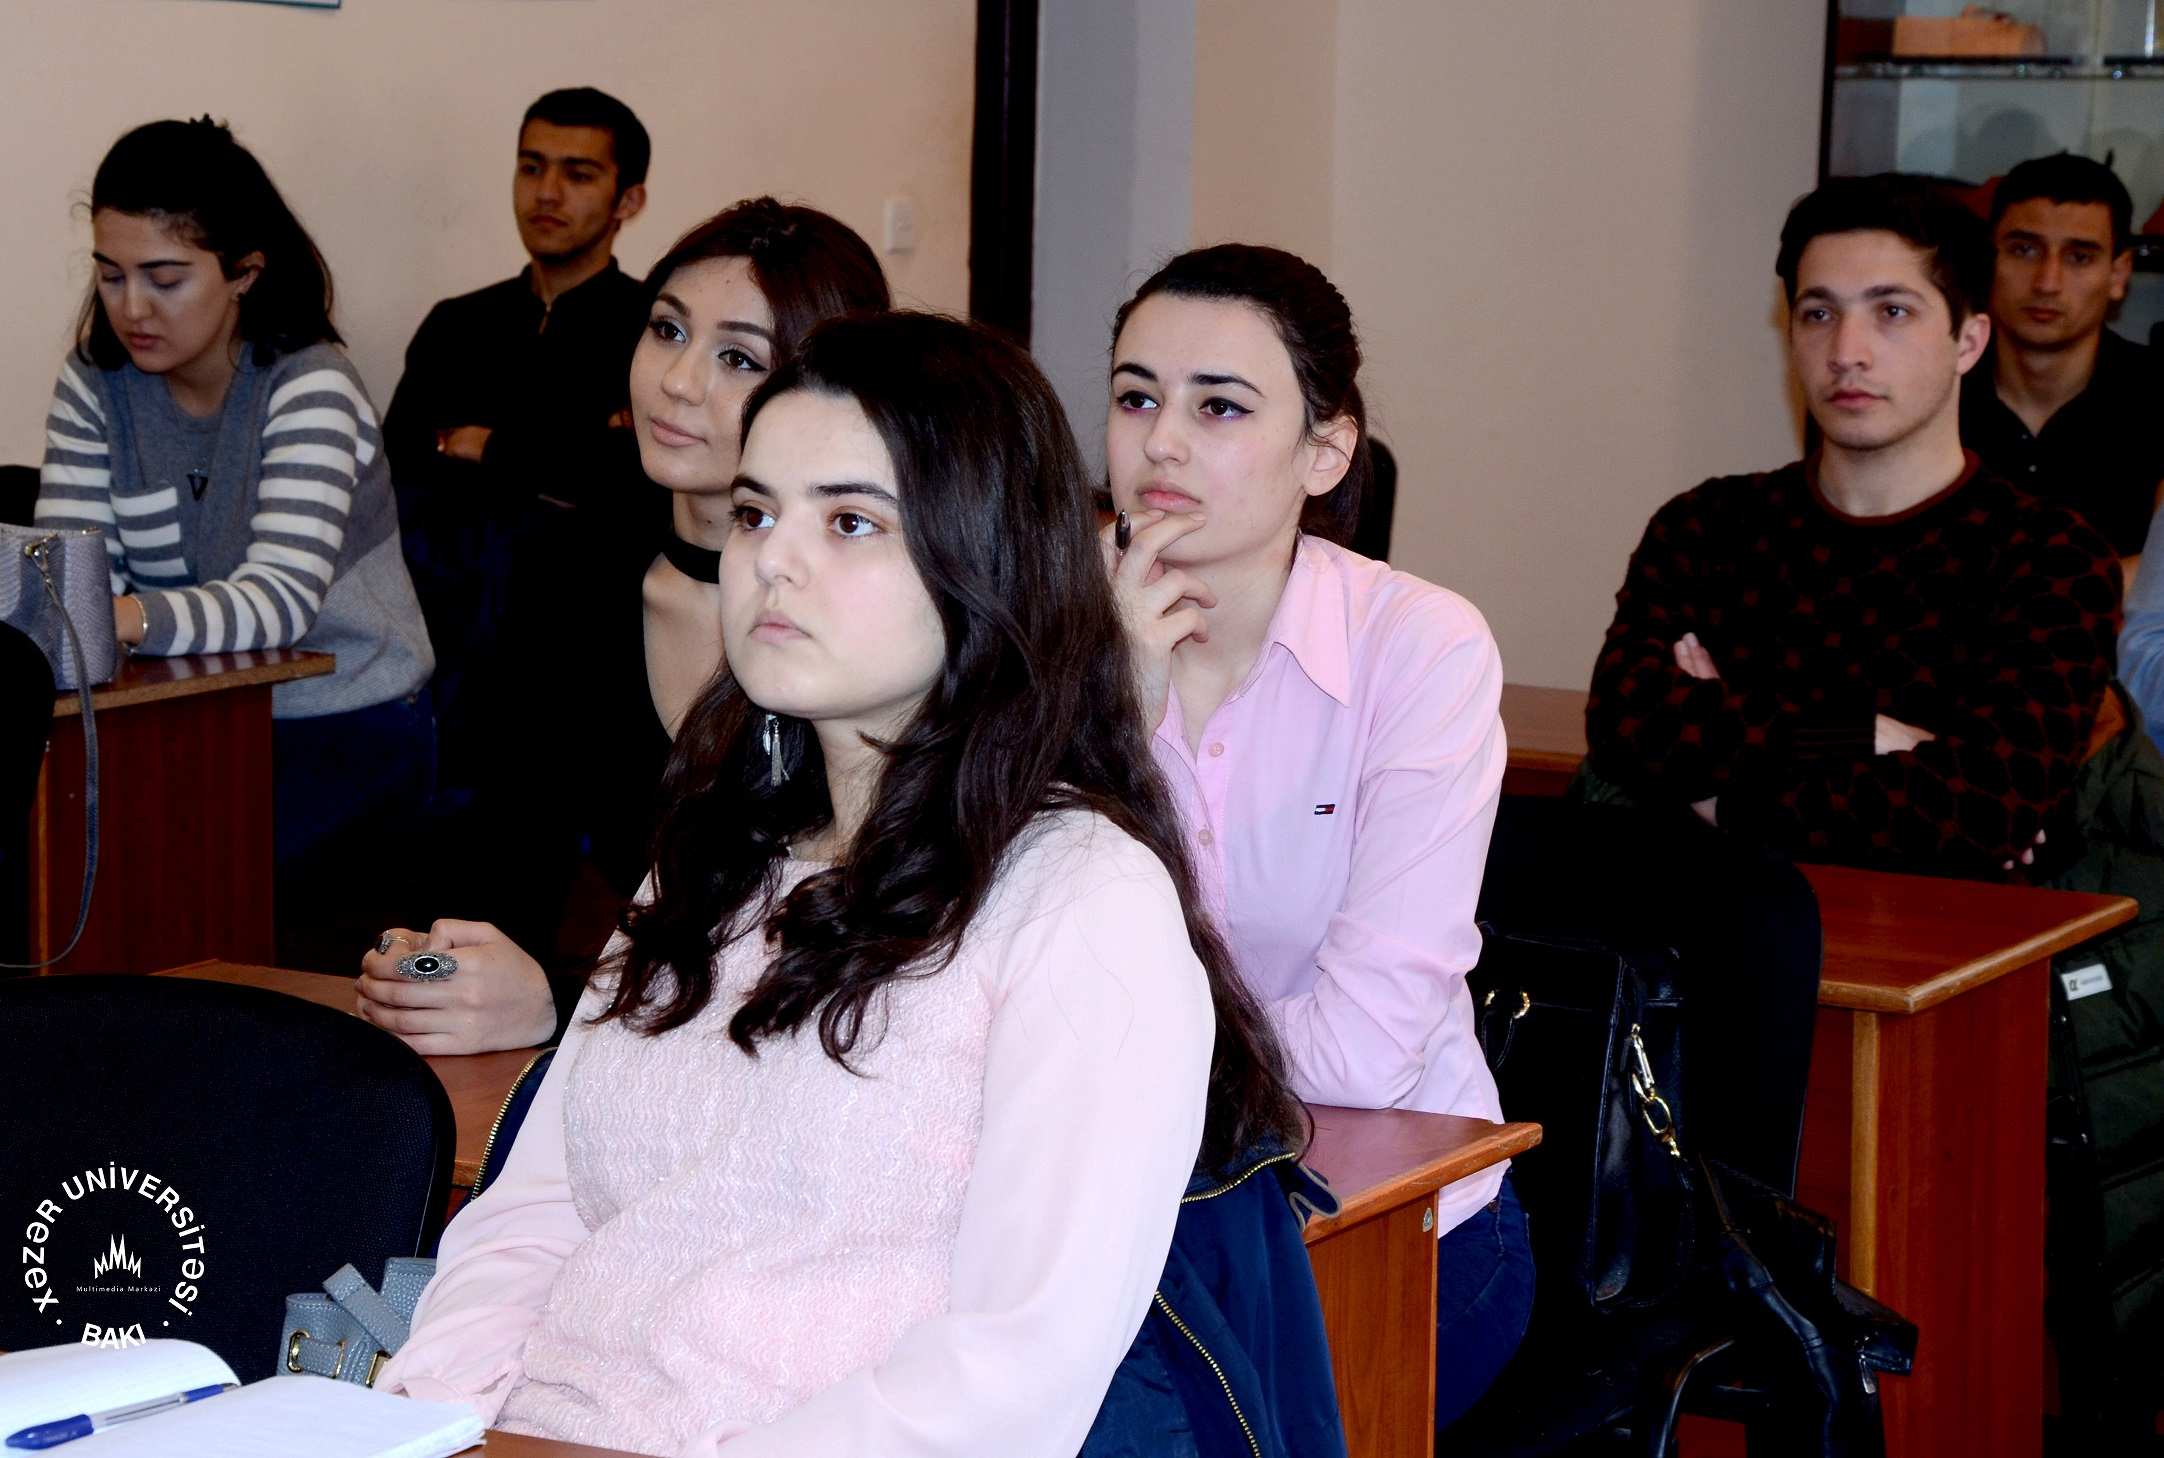 Tarix və arxeologiya departamentində xaricdə təhsilə həsr olunmuş görüş keçirildi